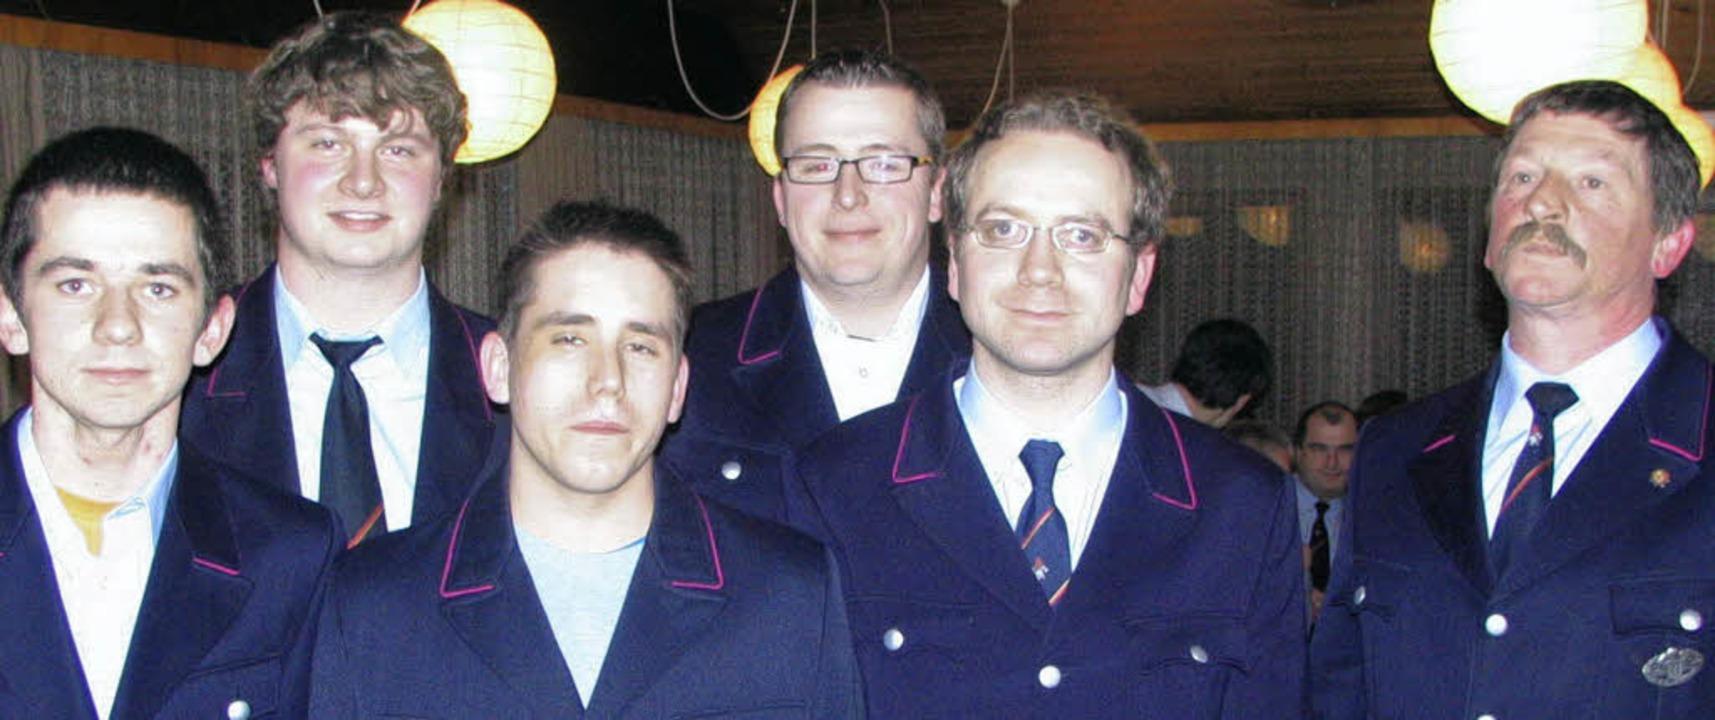 Besonderer Dank des Wollbacher Feuerwe...für ihre Weiterbildungen (von links).     Foto: ines Bode